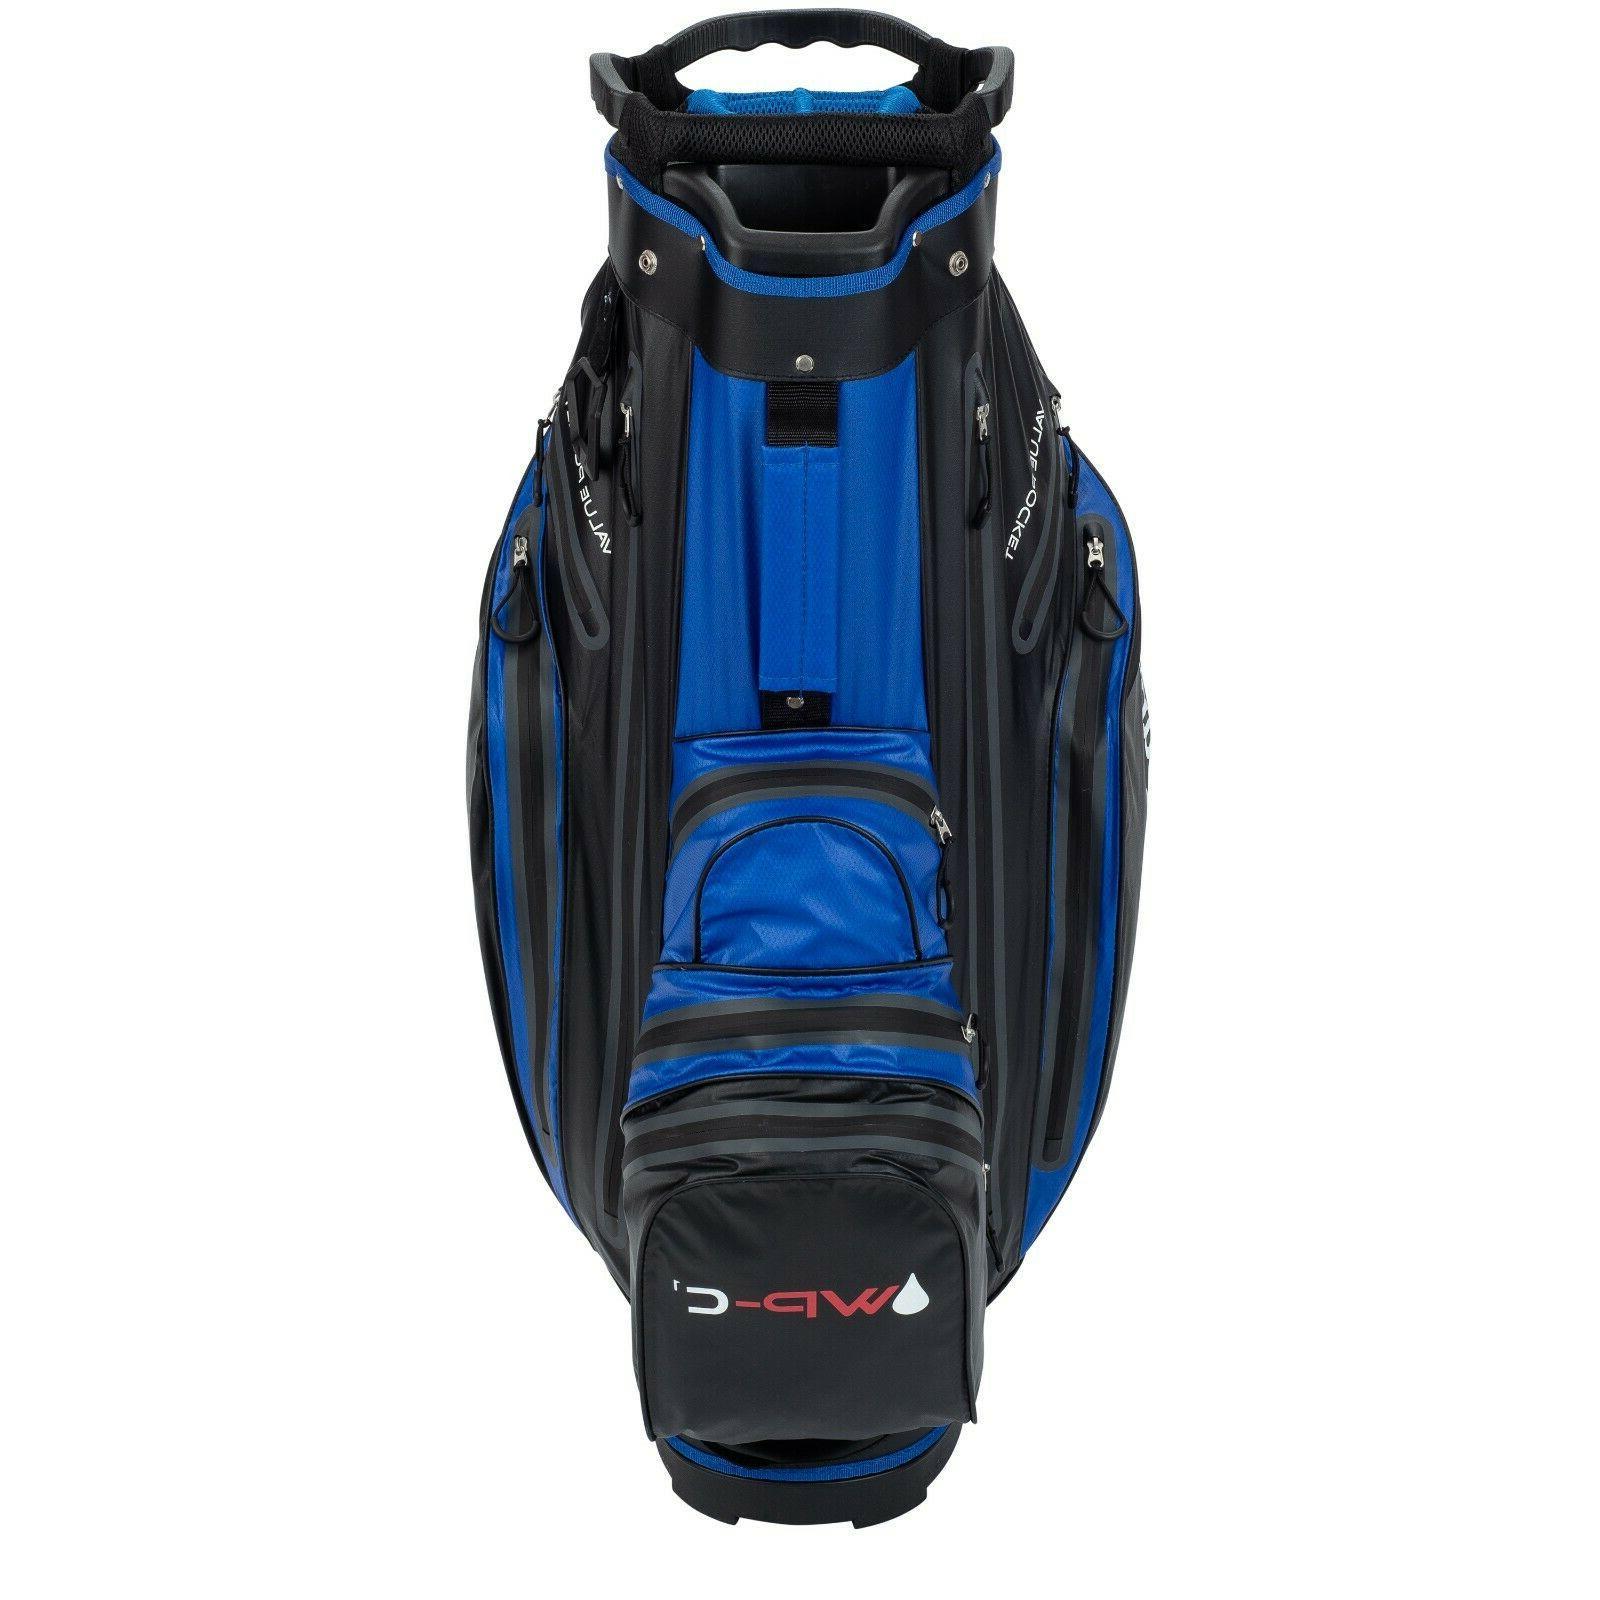 Founders Golf Cart Bag Light Weight Divider